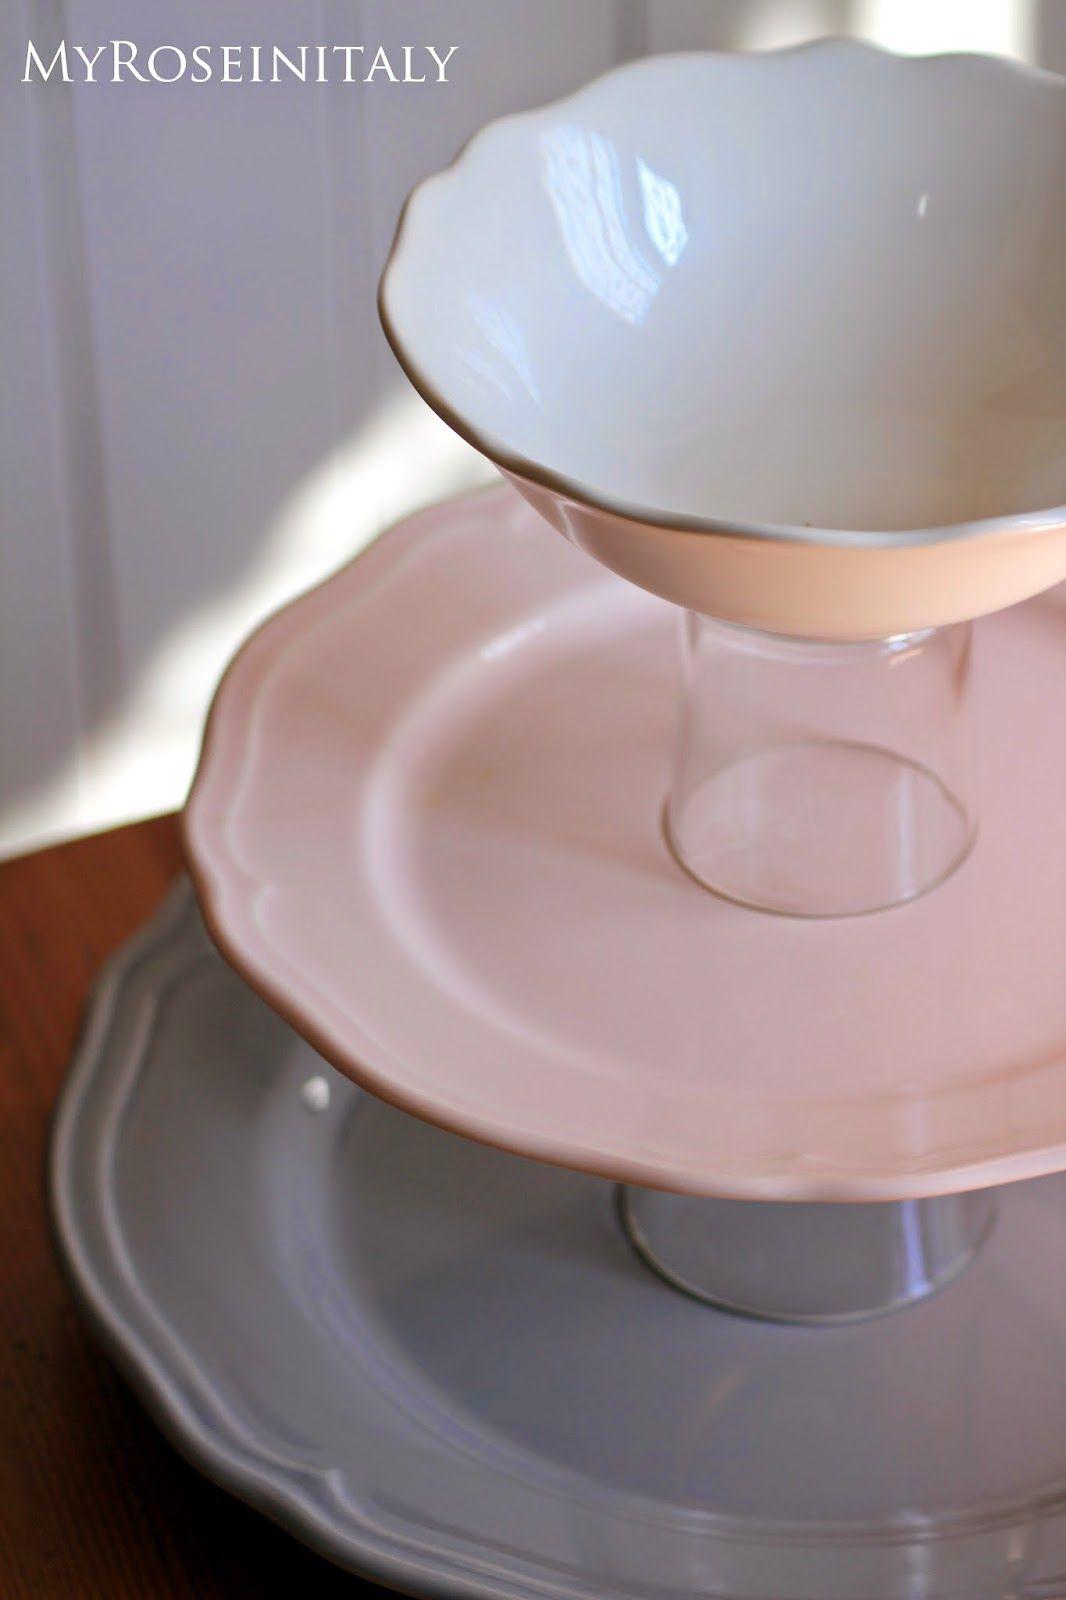 My RoseinItaly: Alzata in ceramica fai da te | Ceramiche ...